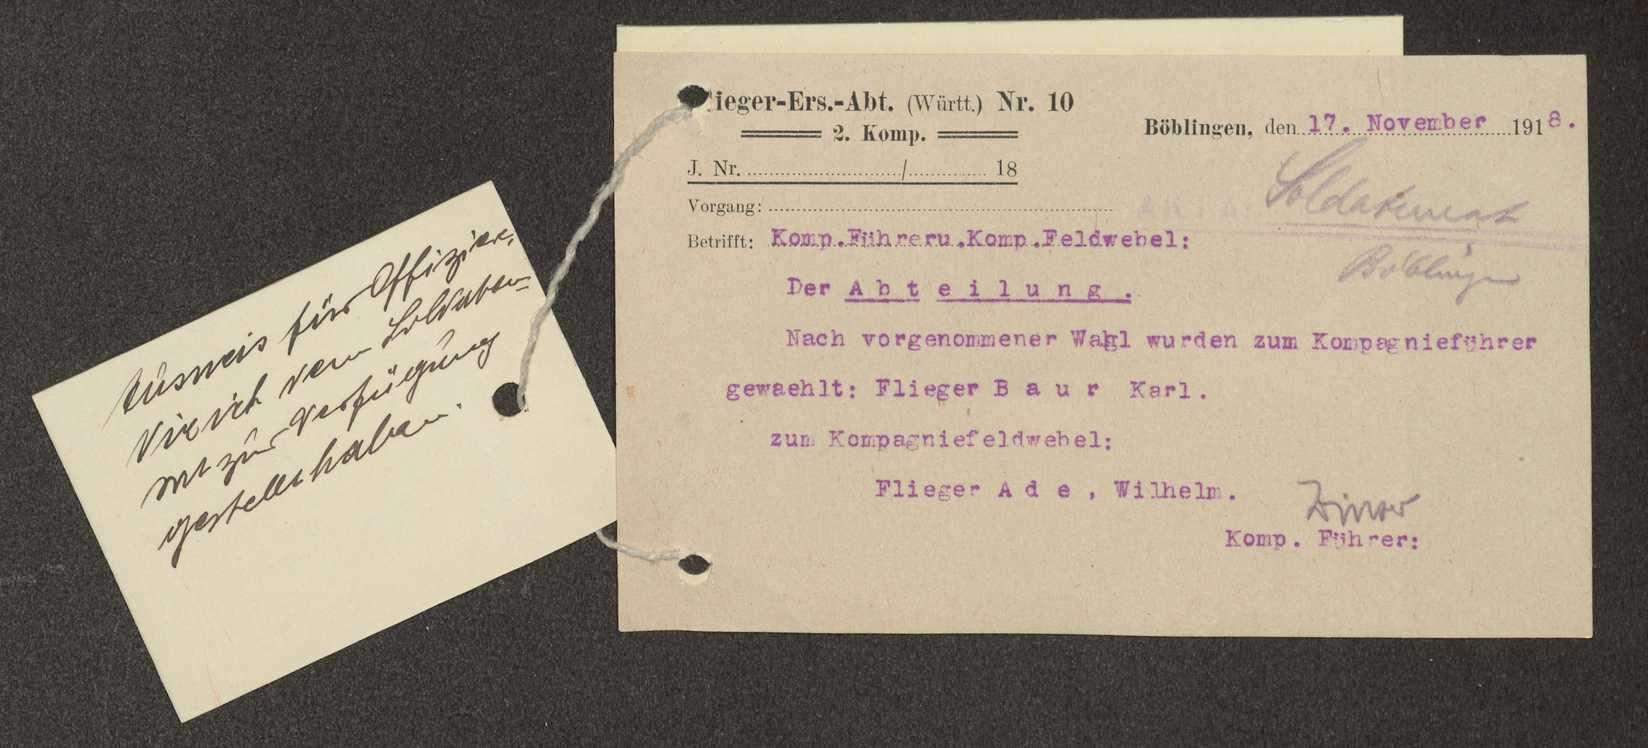 Wahl des Kompanieführers und des Kompaniefeldwebels der Flieger-Ersatz-Abteilung 10, Ausweise von Mitarbeitern, Bild 2